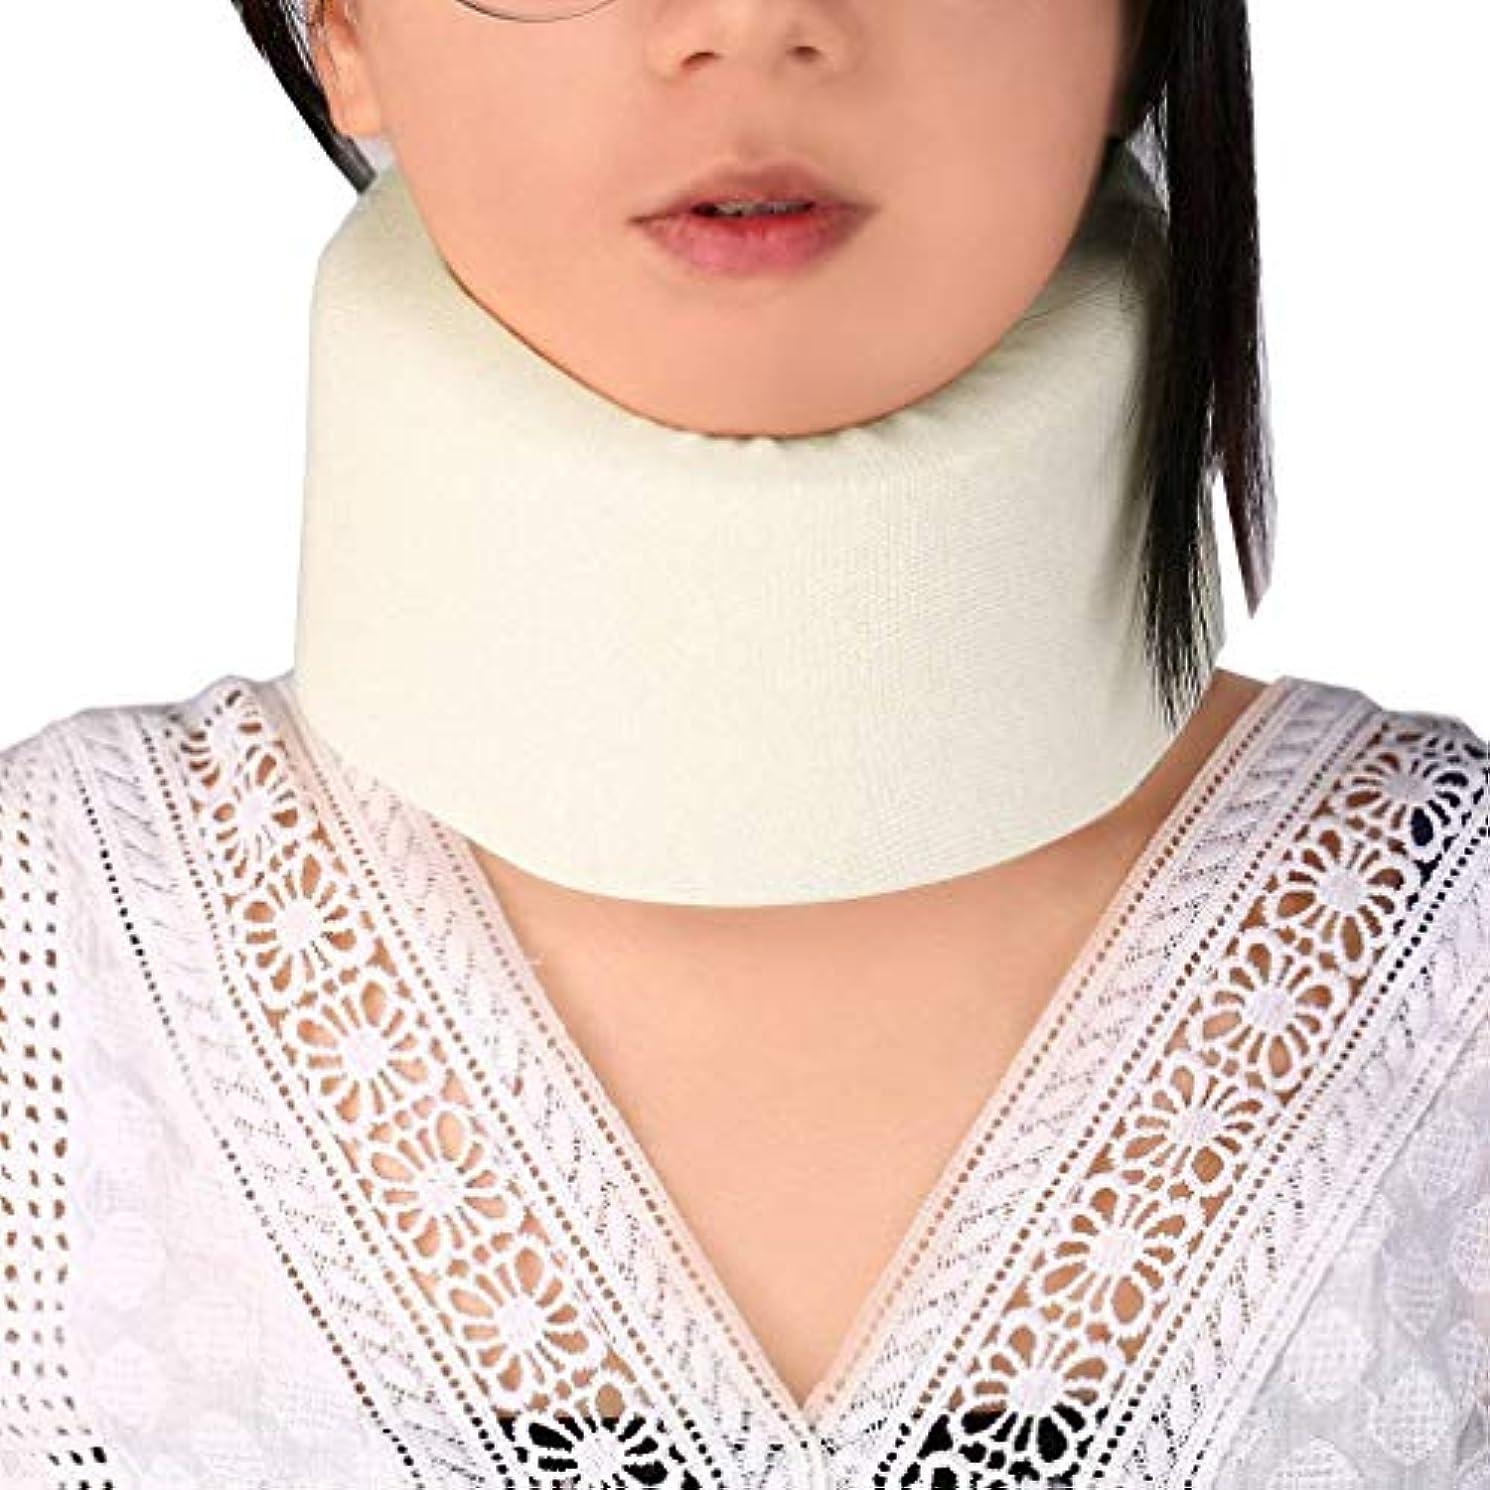 頭痛時々時々代わりのOral Dentistry 首 サポーター ソフト 頸椎 首こり ソフト頸椎カラー 肩の痛みの軽減 着脱 簡単 男女兼用 ホワイト